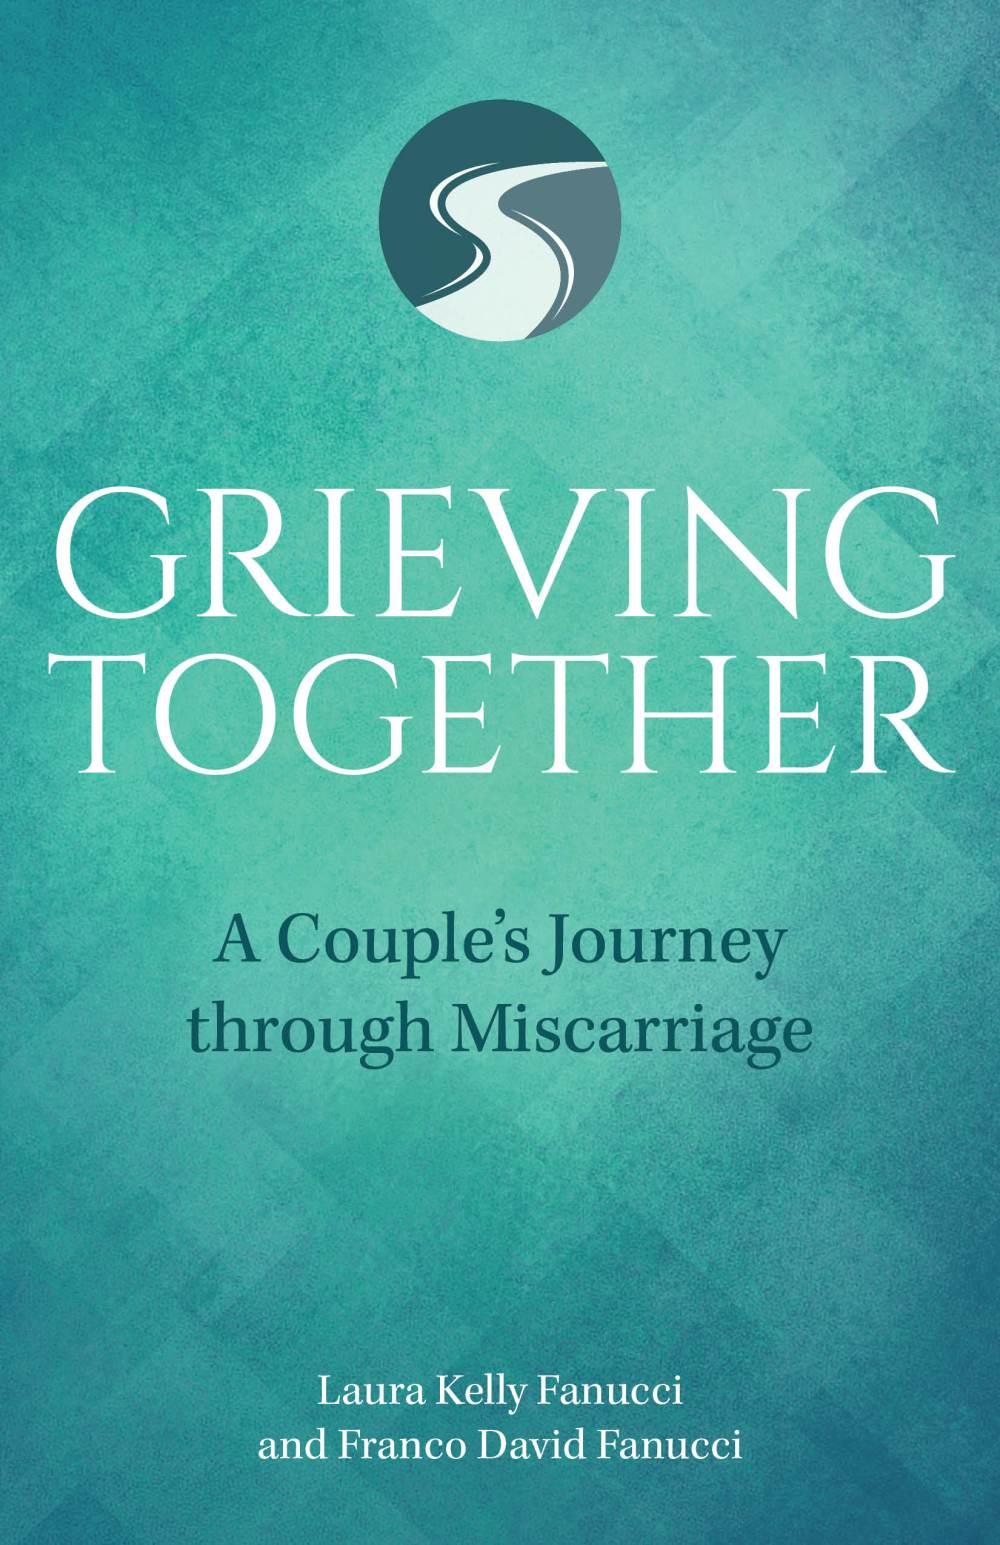 book - Grieving Together.jpg